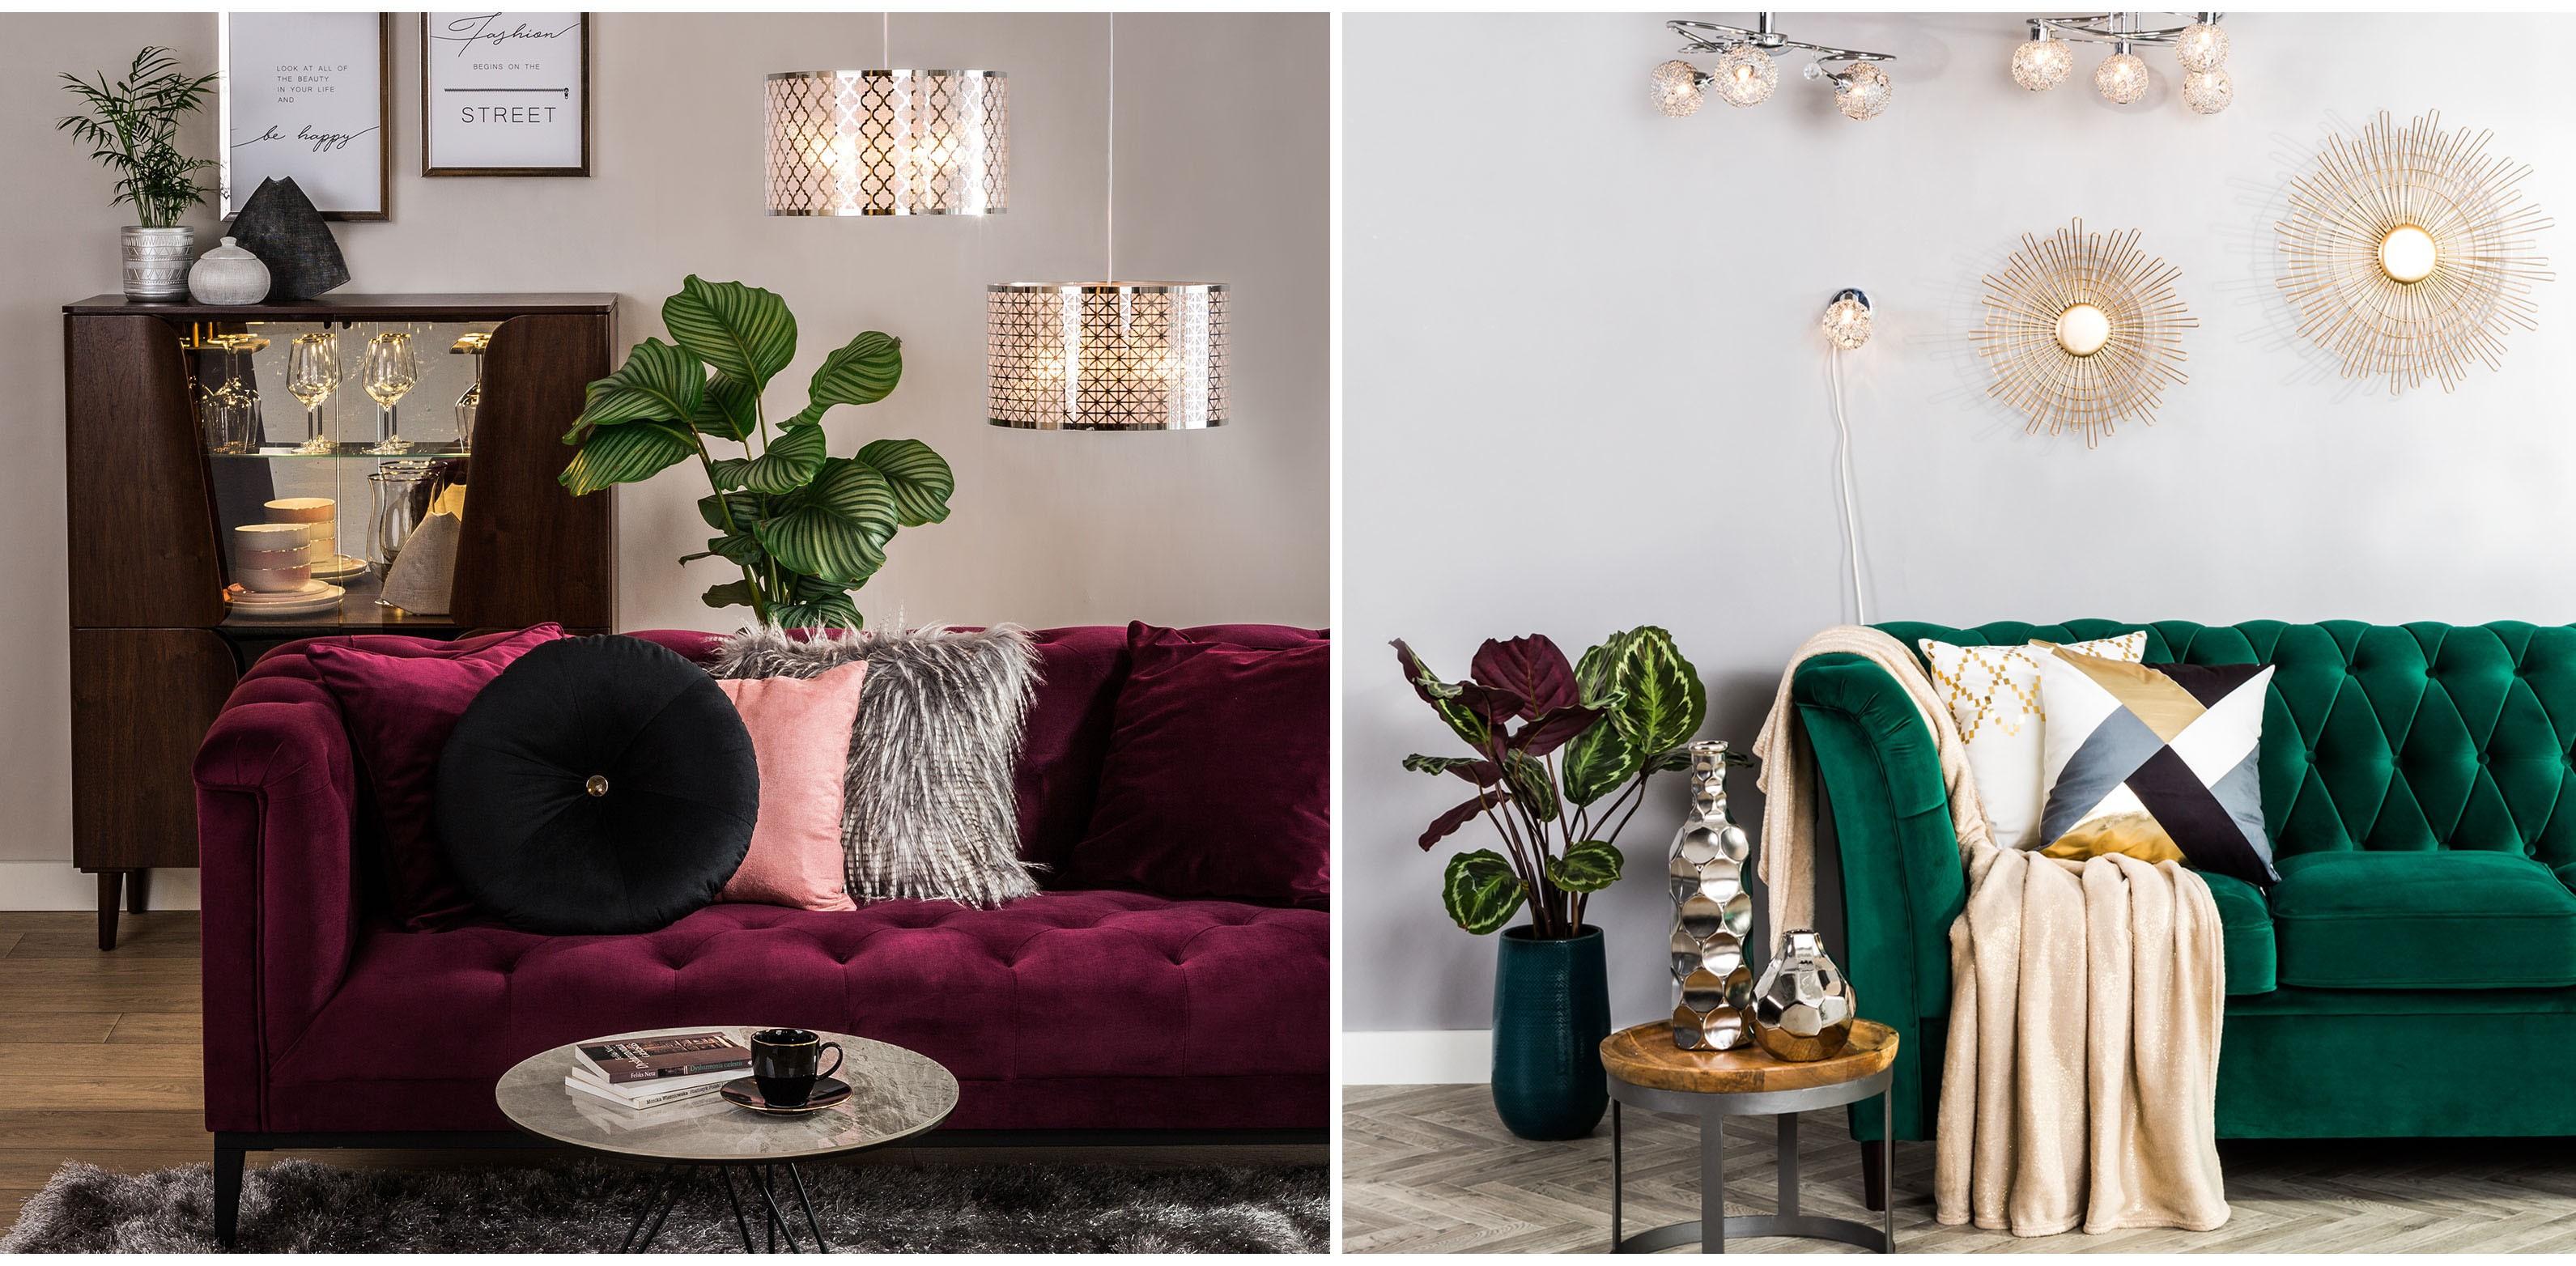 Lampa, która odmieni wnętrze | Salony Agata